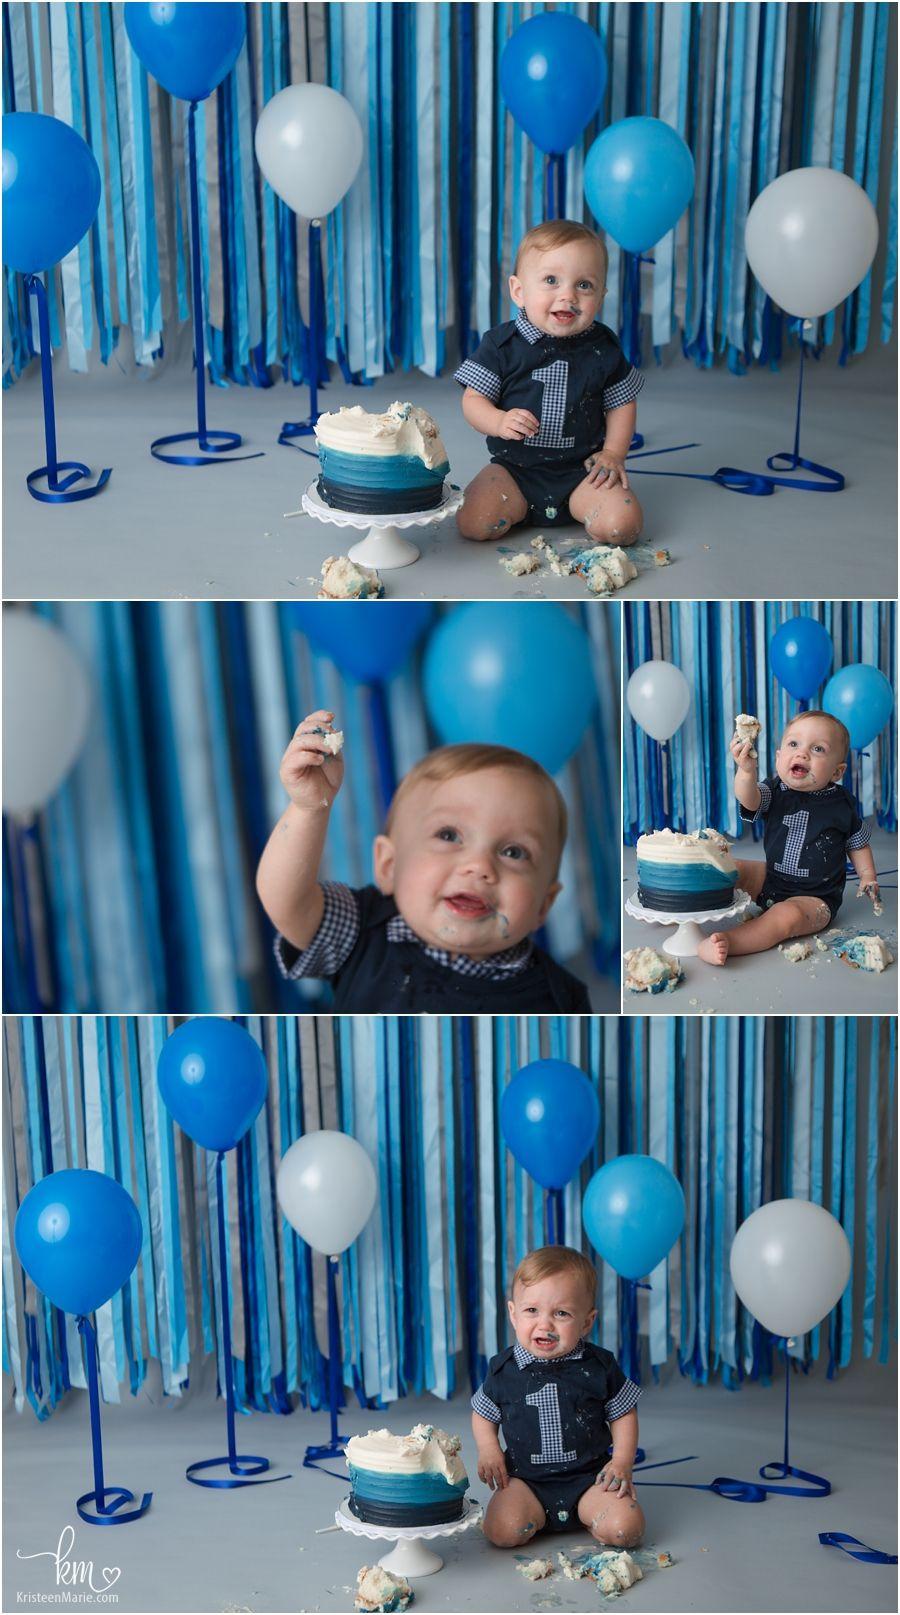 Pin On Masons Birthday Party Ideas